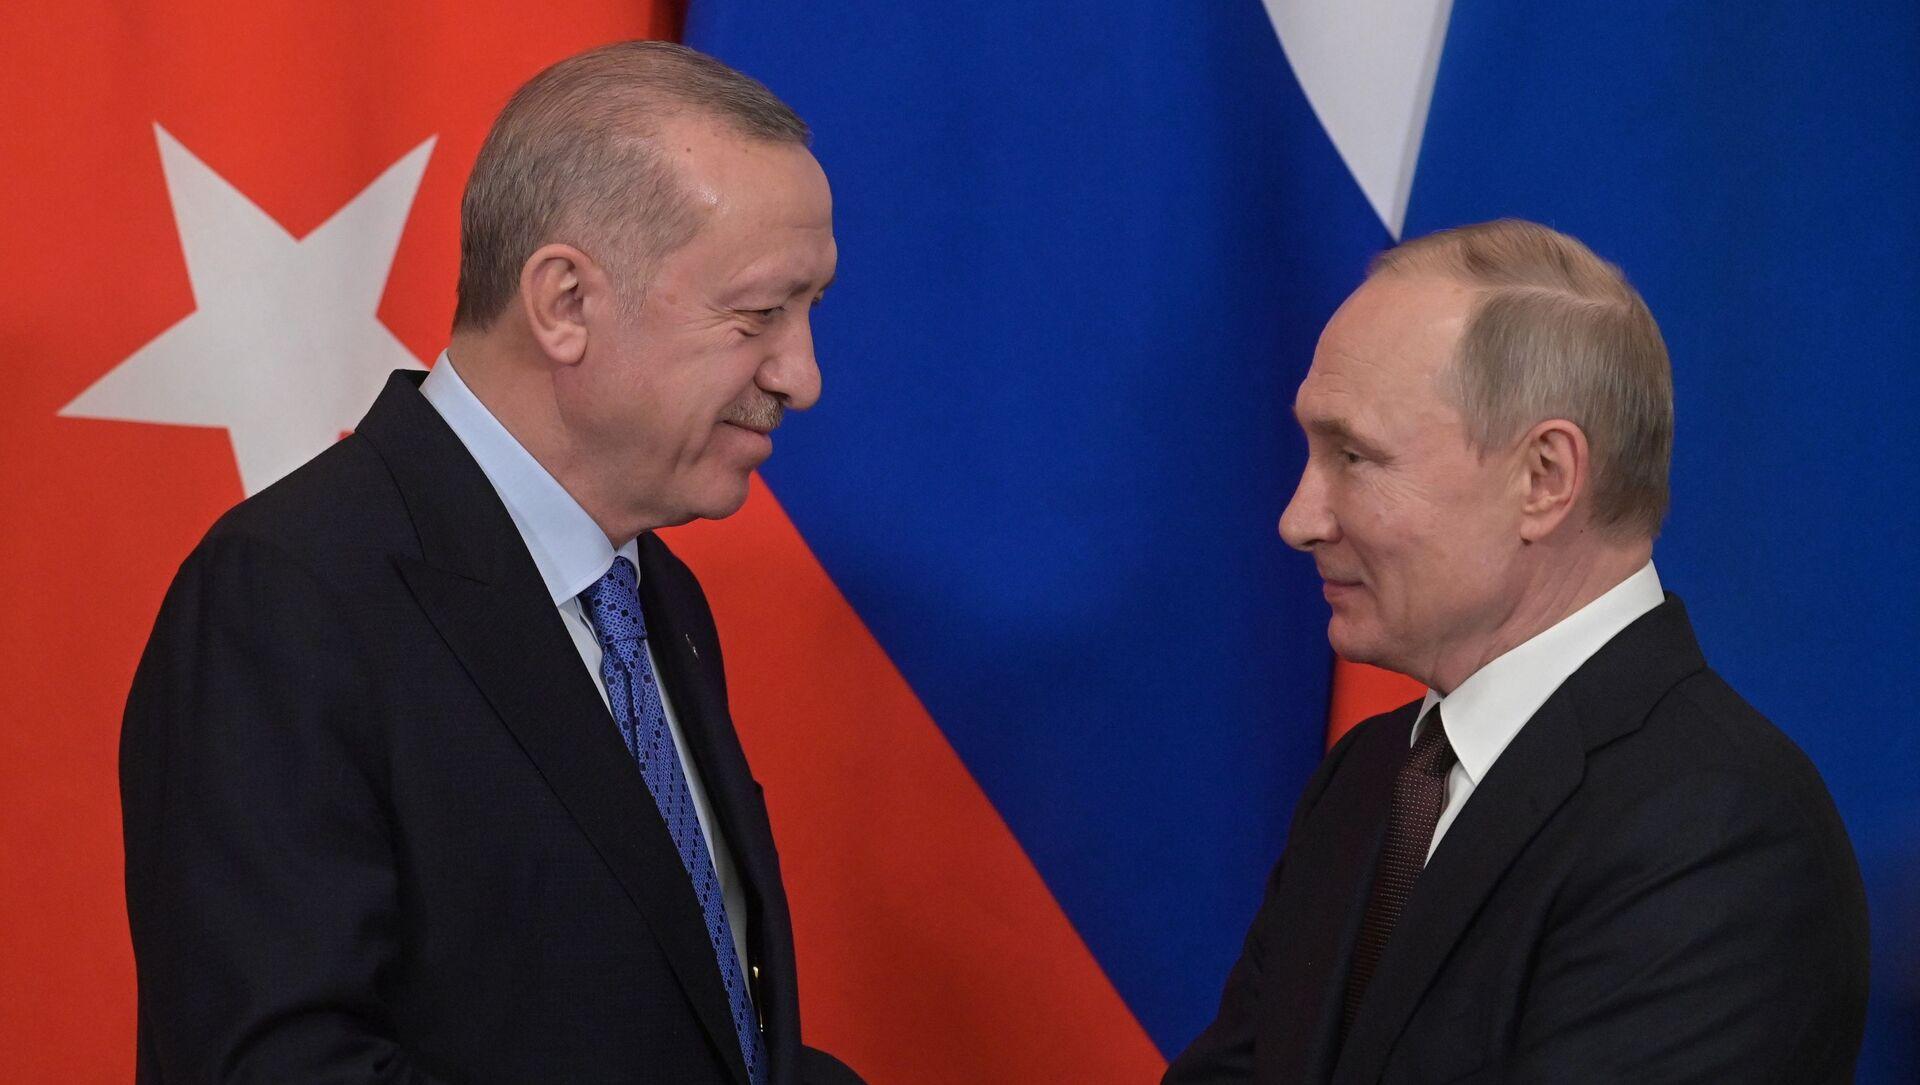 Non consono ad un presidente: per Erdogan inaccettabili commenti di Biden su Putin - Video - Sputnik Italia, 1920, 19.03.2021